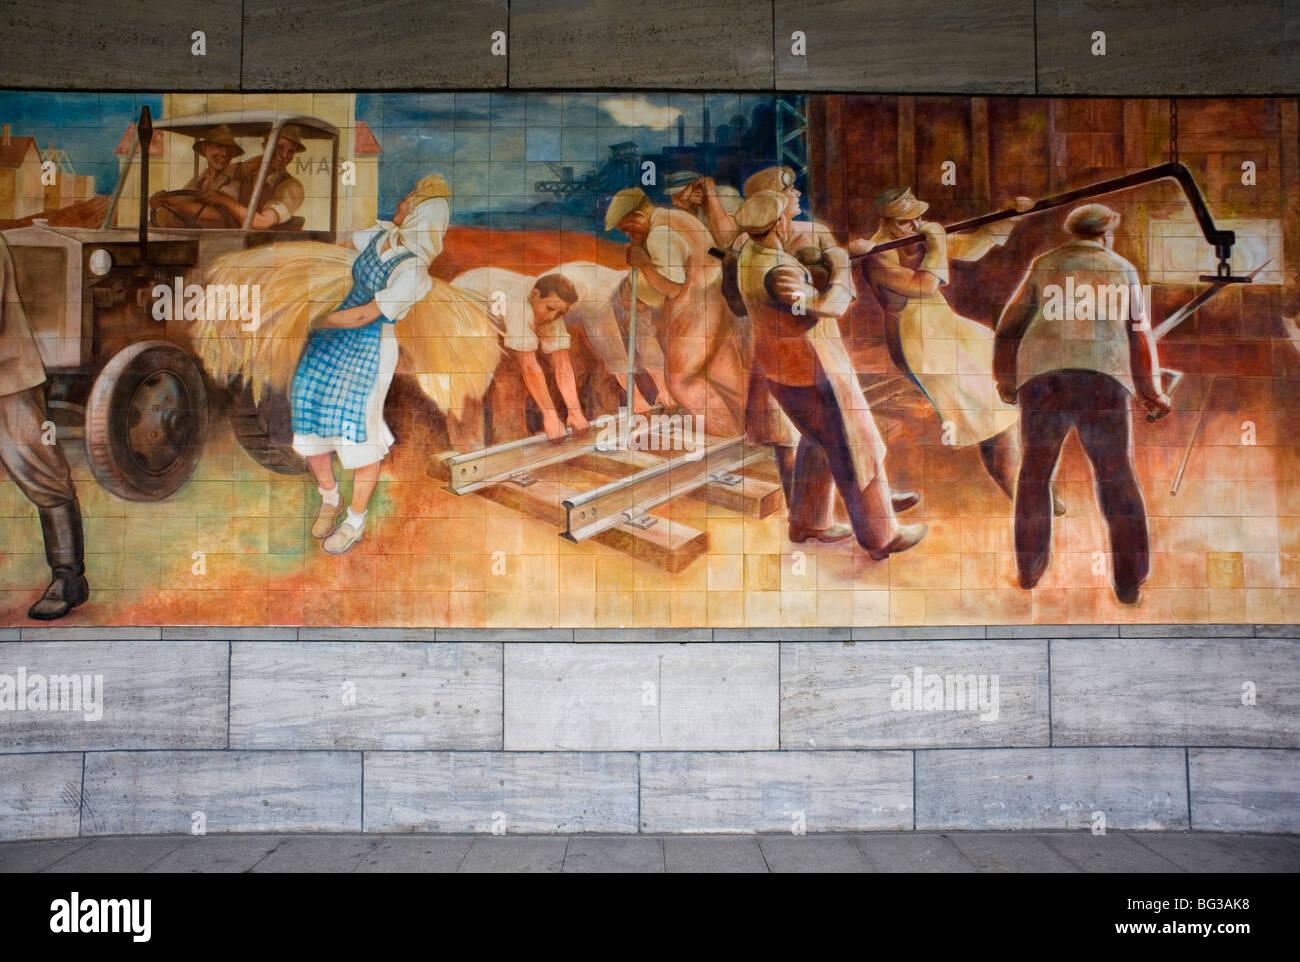 Berlin 2009-Wandbild-Arbeiter-Sozialismus sozialistischen Industrie sowjetischen Masse Finance Frieden Luft Ministerium Stockbild